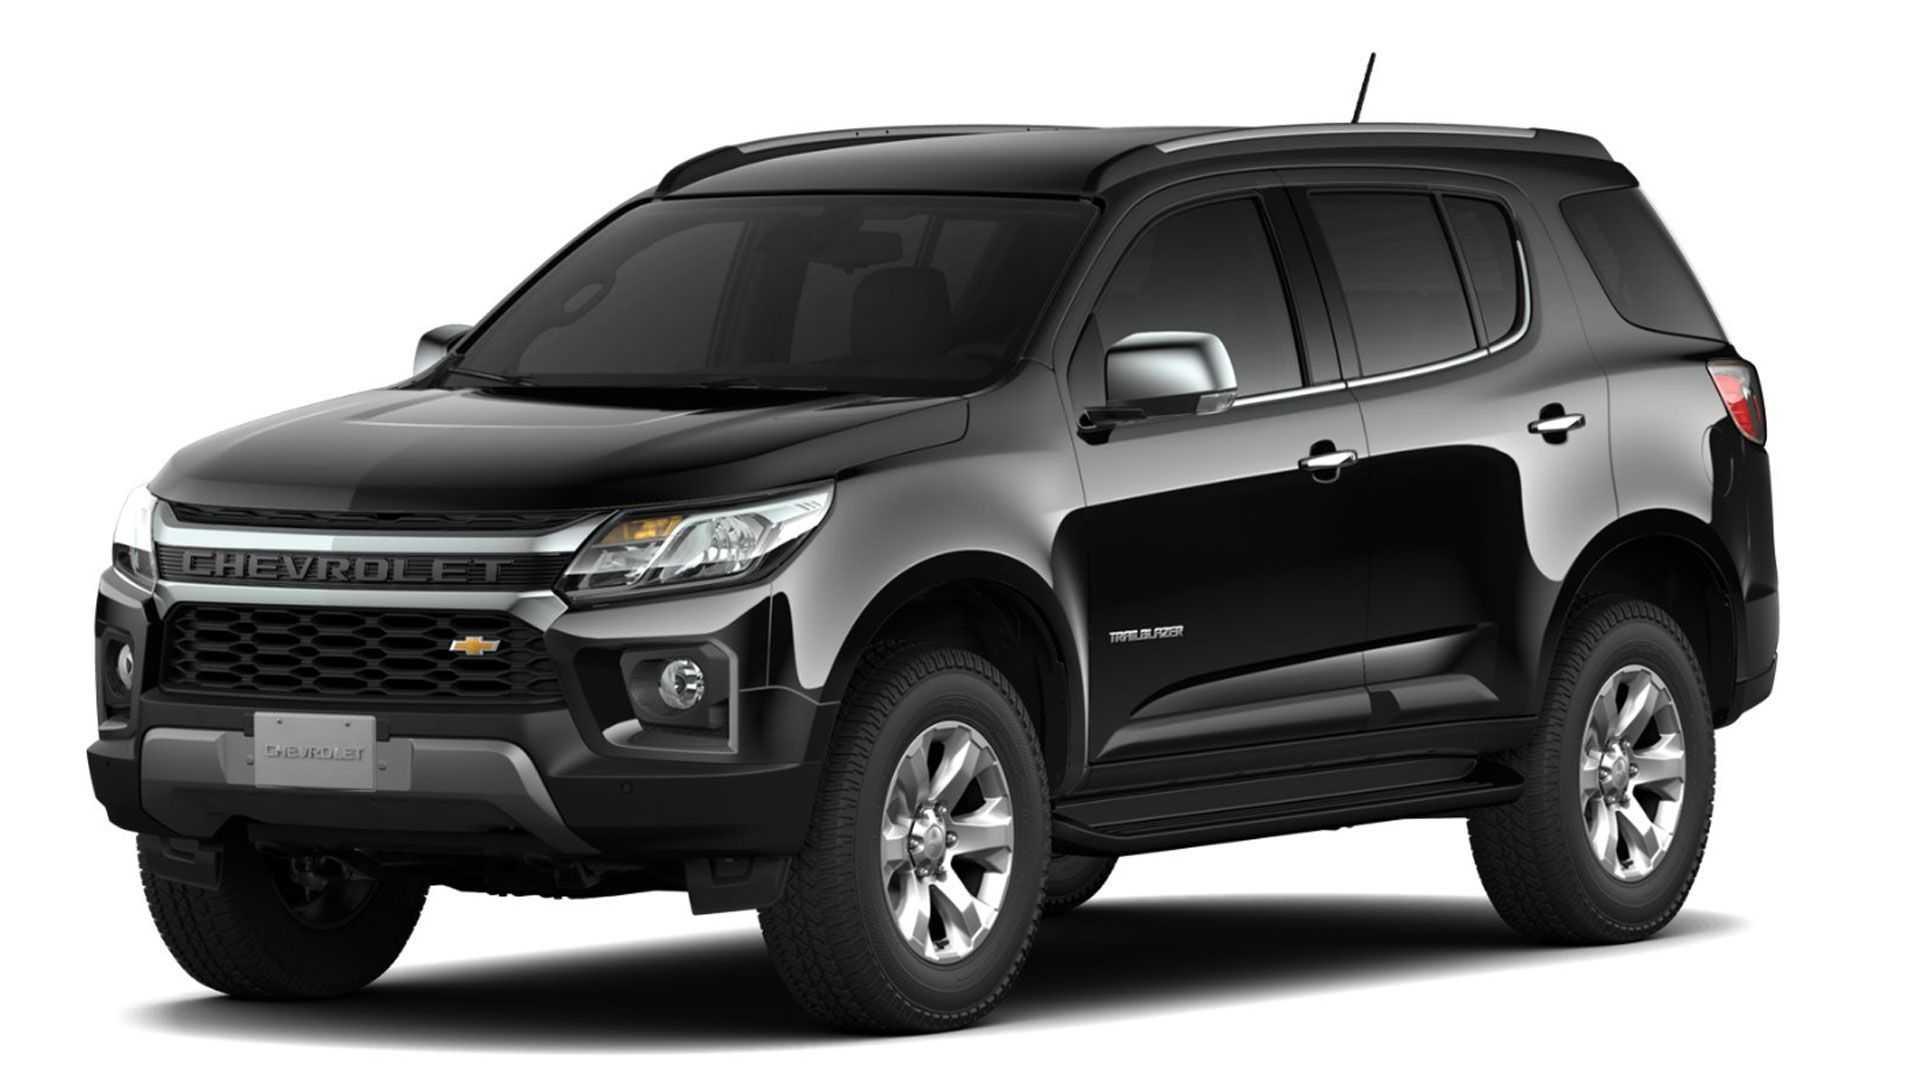 Nueva Chevrolet Trailblazer 2021